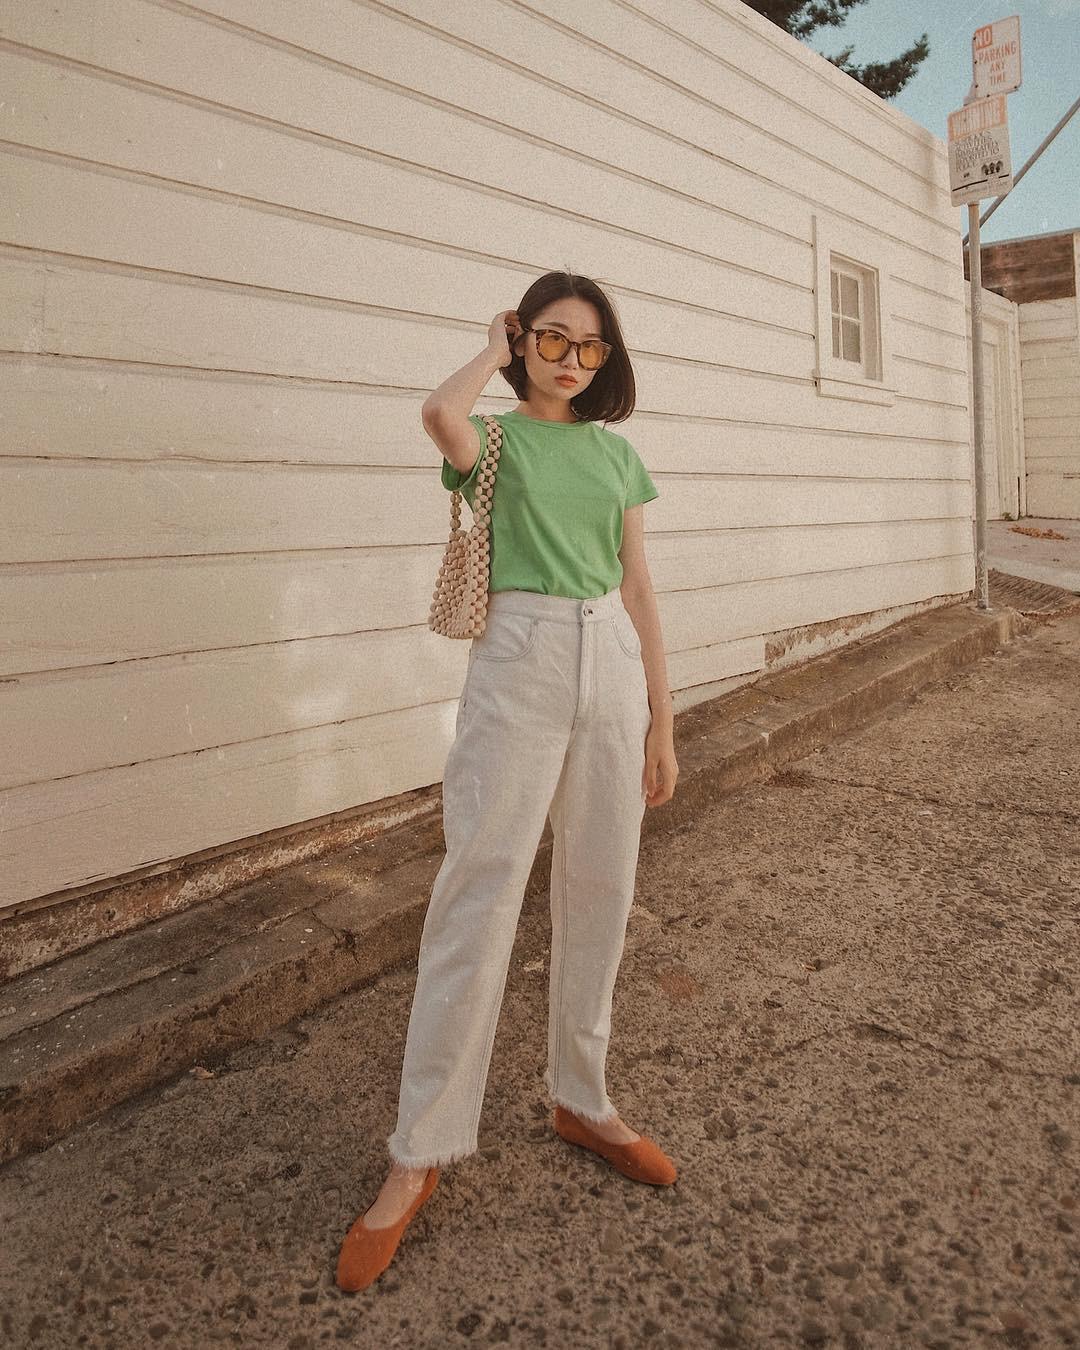 Bảo chứng cho vẻ sành điệu là combo áo phông – quần jeans với 15 ý tưởng diện mãi không biết chán này  - Ảnh 4.